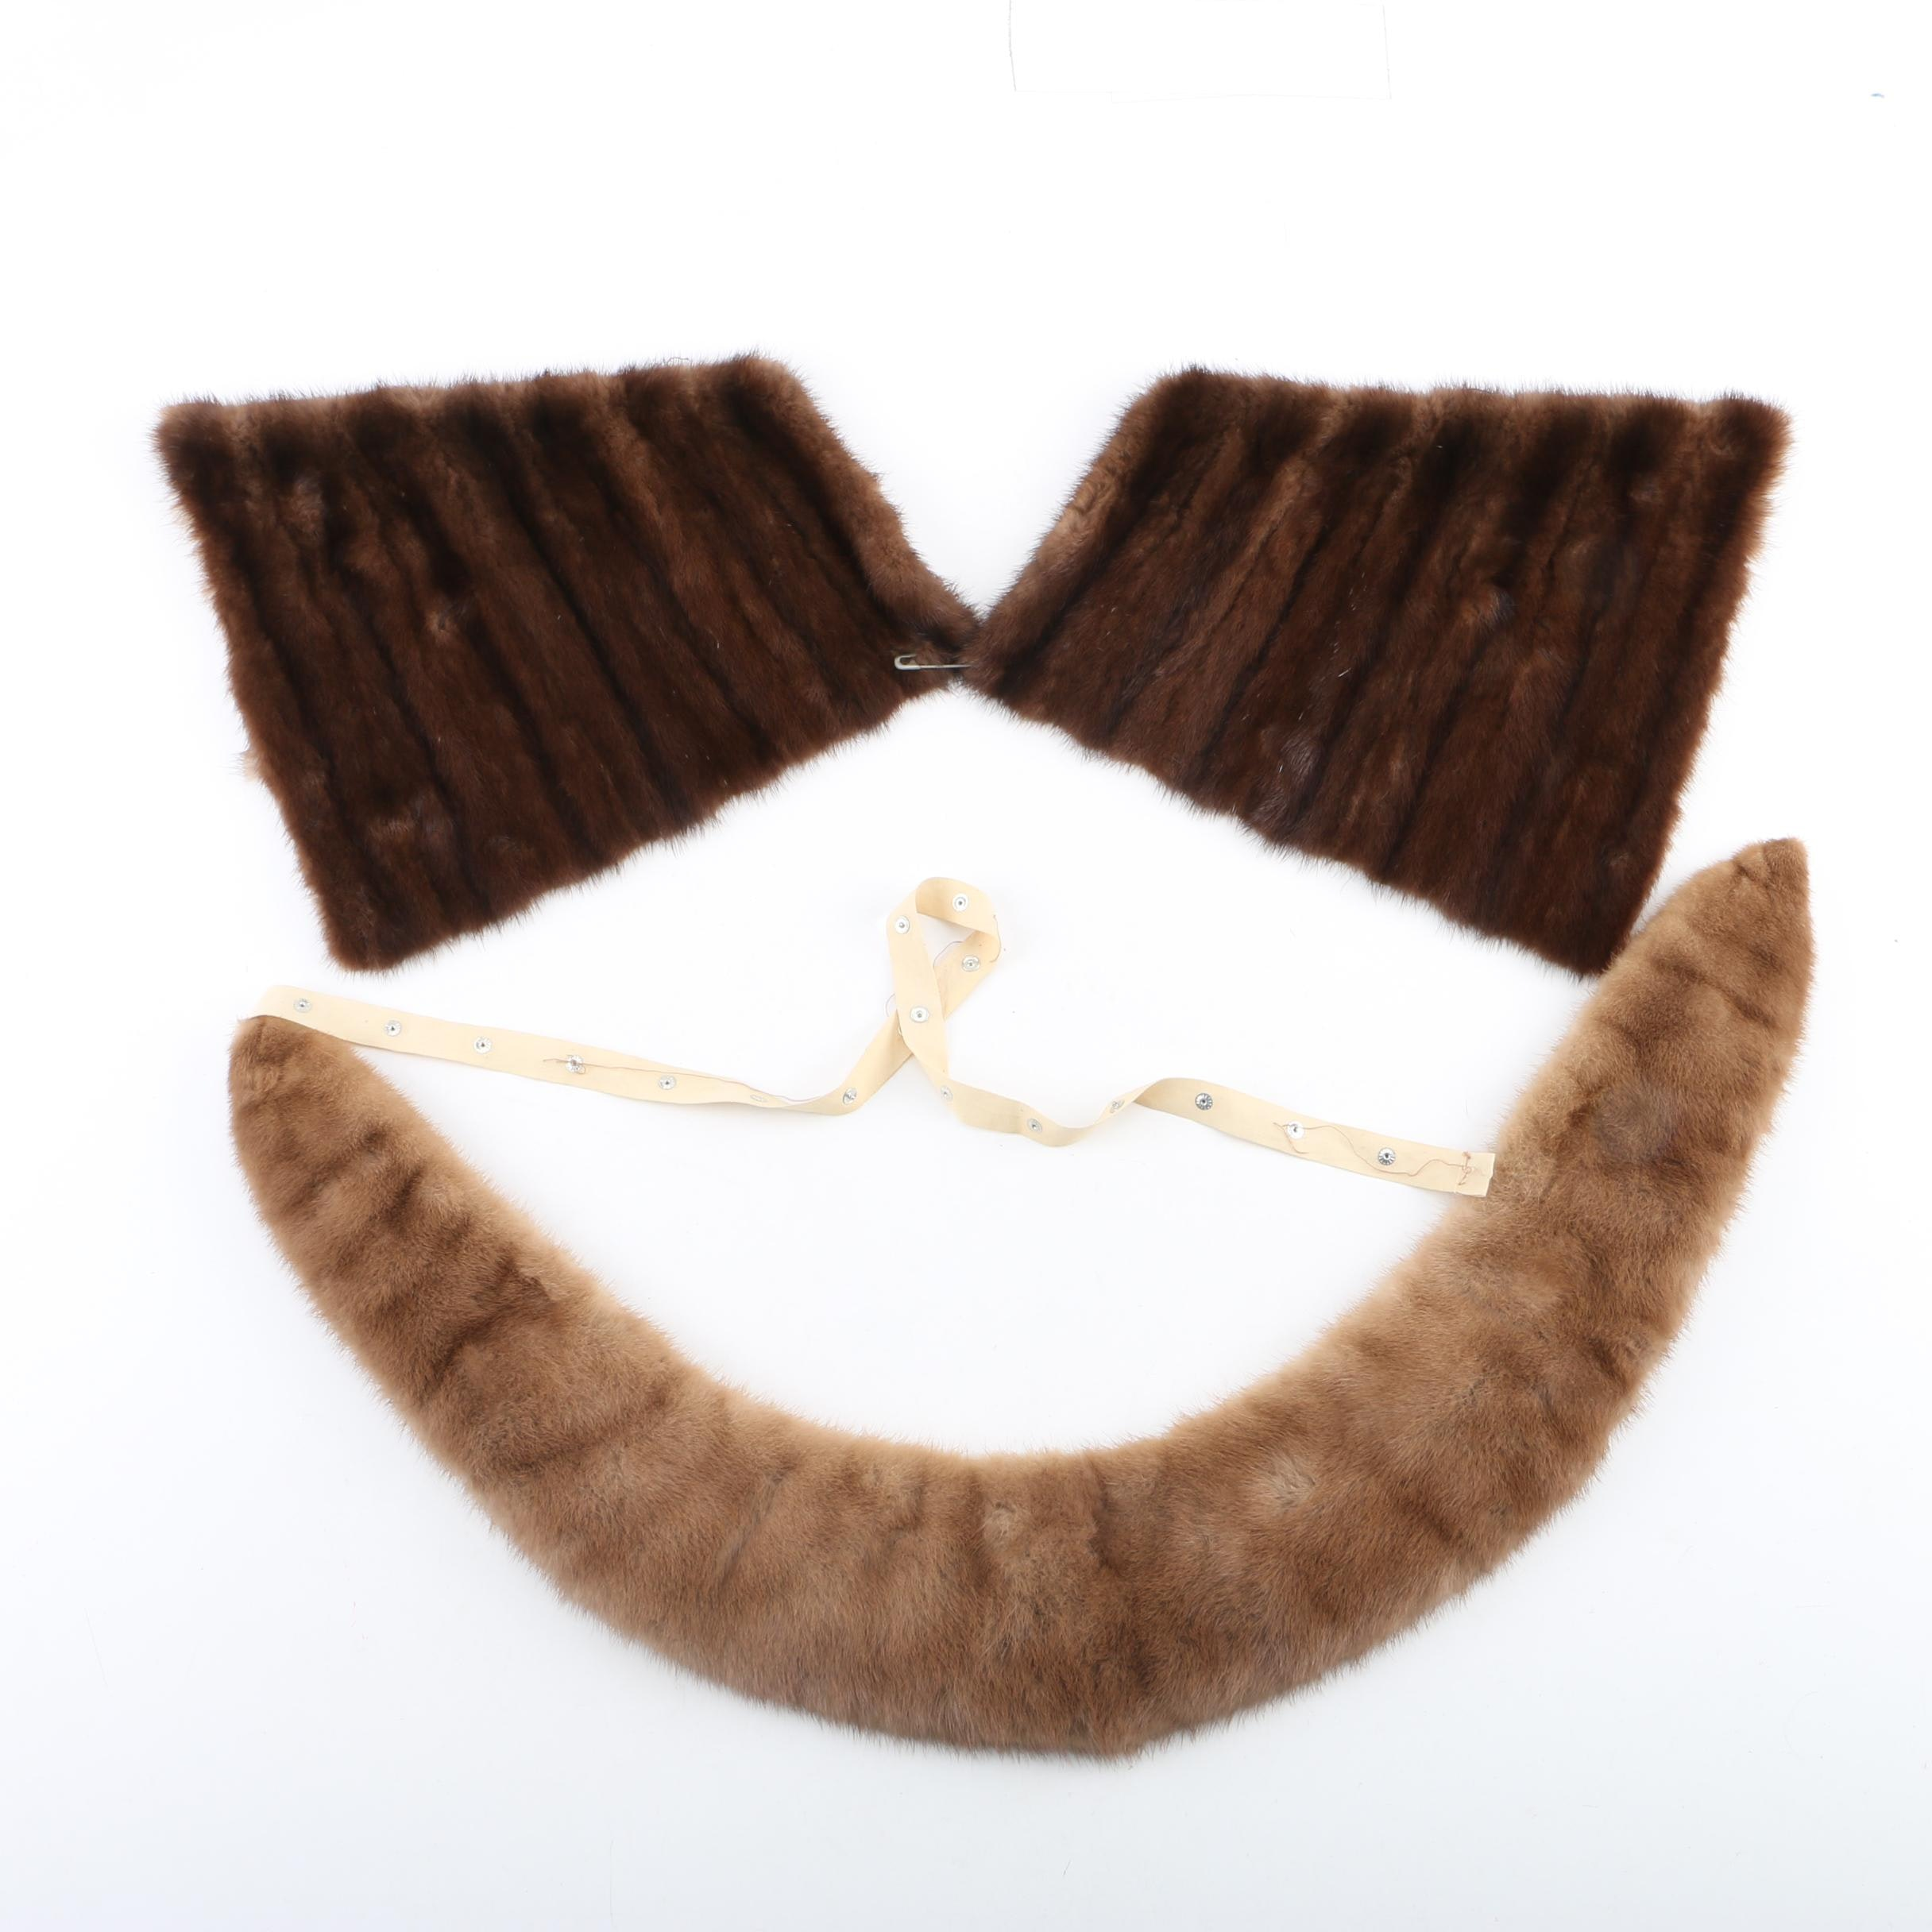 Vintage Mink Fur Collar and Remnants